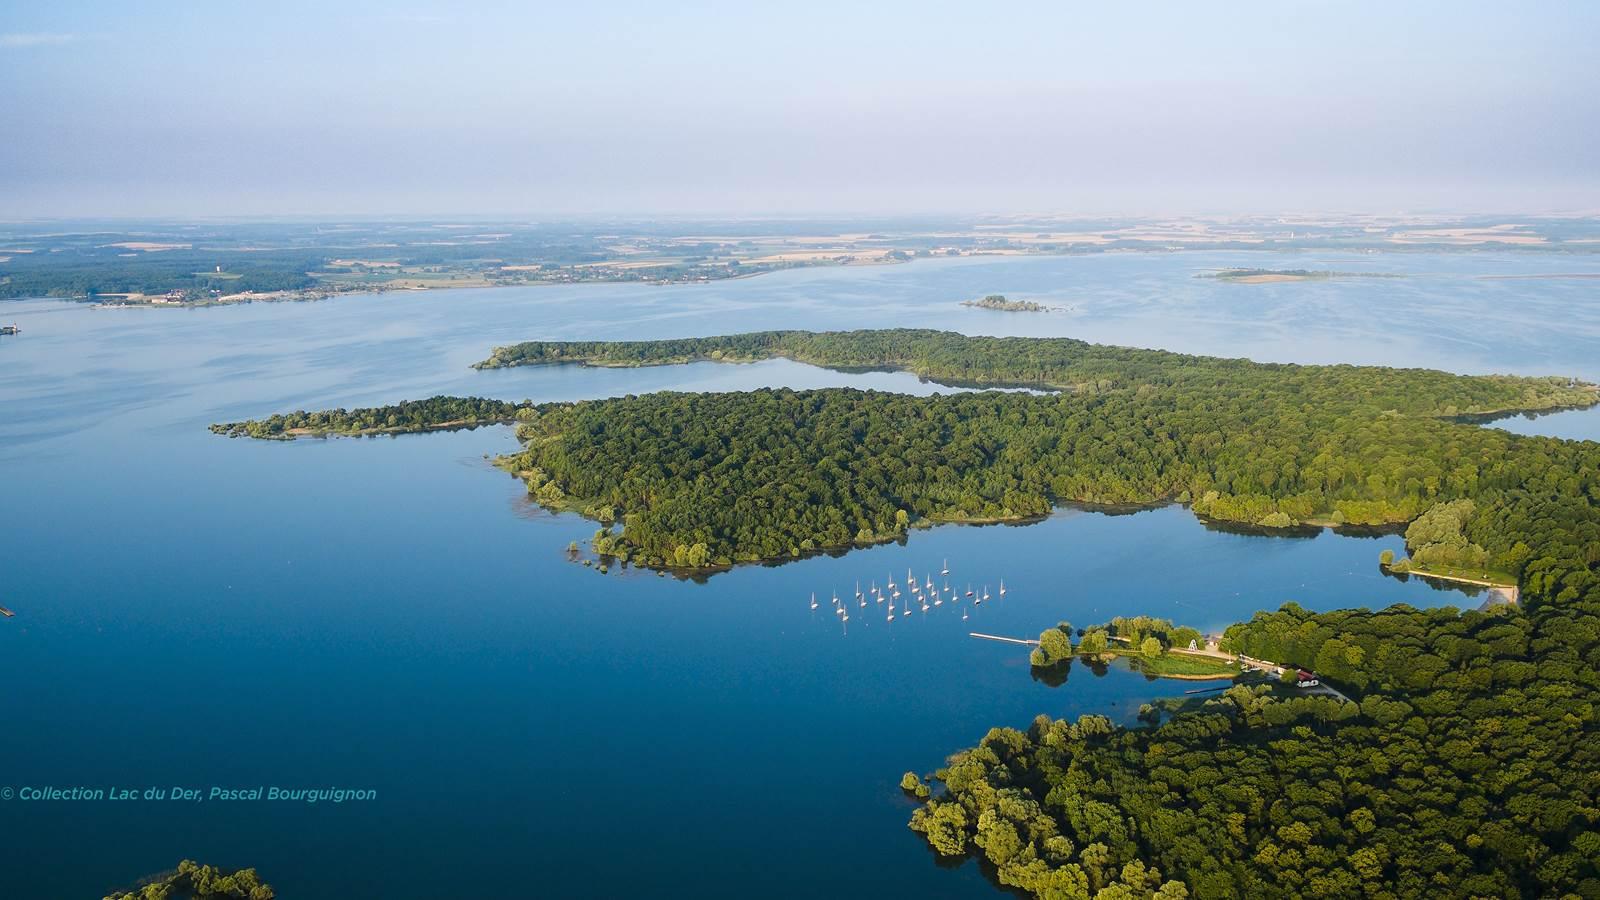 Le lac du Der-Chantecoq